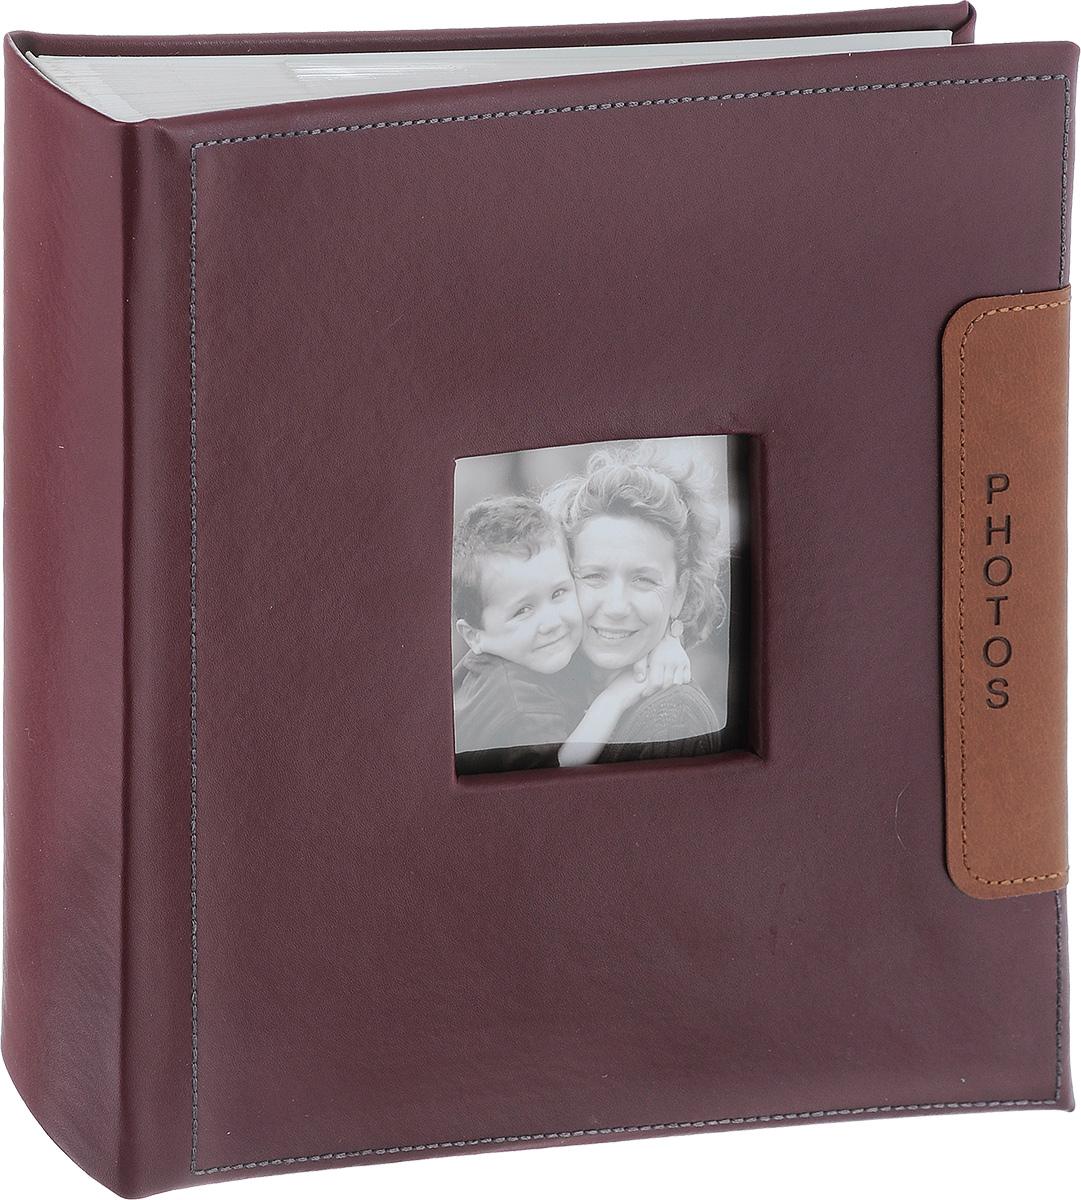 Фотоальбом Image Art, 200 фотографий, цвет: бордовый, 10 x 15 см BBM46200/2/046BBM46200/2/046_бордовыйФотоальбом Image Art поможет красиво оформить ваши самые интересные фотографии. Обложка выполнена из толстого картона. С лицевой стороны обложки имеется окошко для вашей самой любимой фотографии. Внутри содержится блок из 50 белых листов с фиксаторами-окошками из полипропилена. Альбом рассчитан на 200 фотографий формата 10 см х 15 см (по 2 фотографии на странице). Для фотографий предусмотрено поле для записей. Переплет - книжный. Нам всегда так приятно вспоминать о самых счастливых моментах жизни, запечатленных на фотографиях. Поэтому фотоальбом является универсальным подарком к любому празднику. Количество листов: 50.